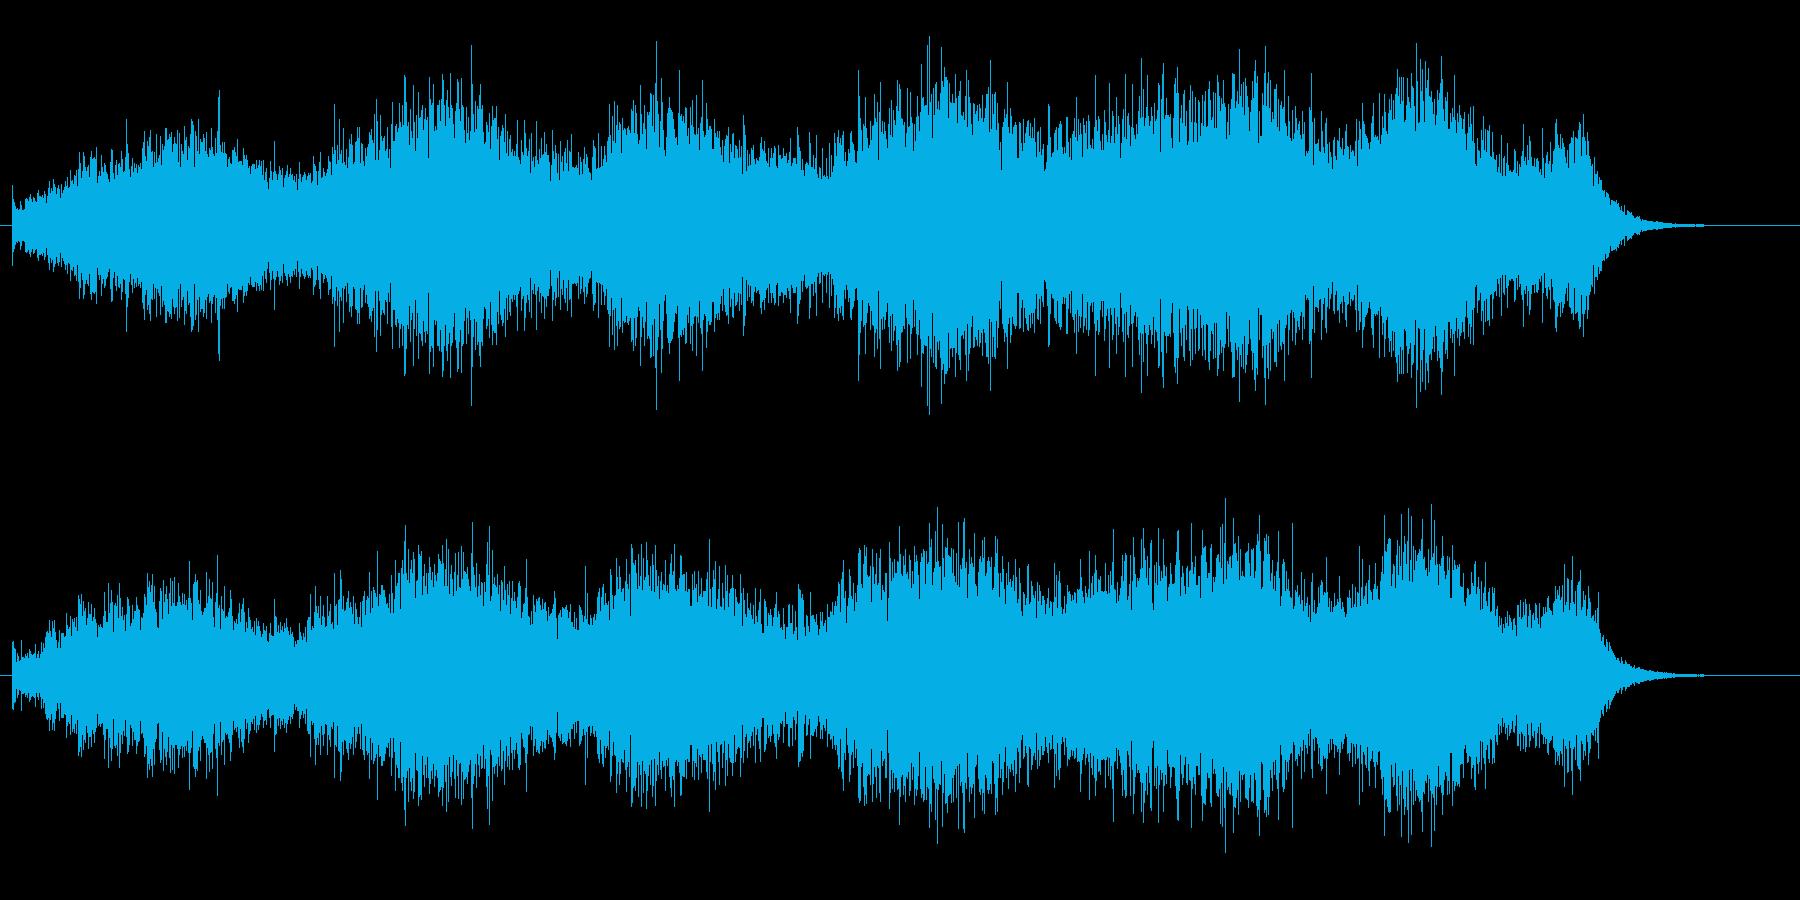 おどろおどろしい雰囲気のバックグラウンドの再生済みの波形